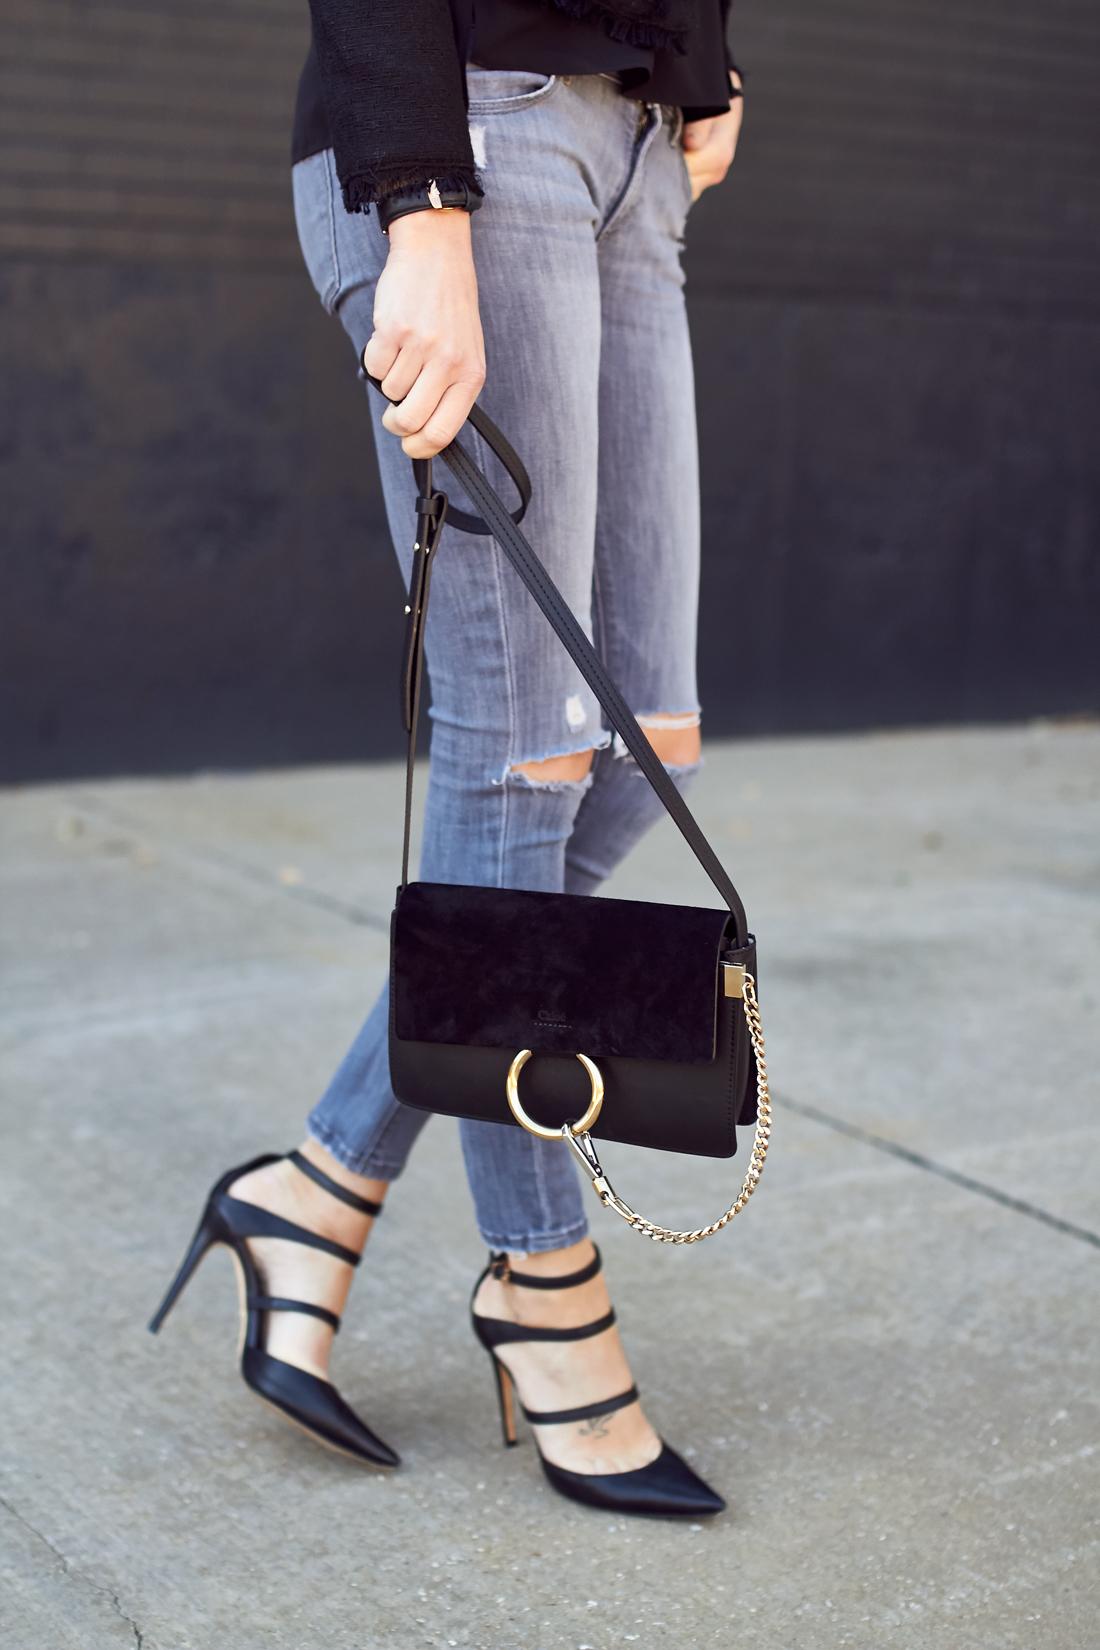 fashion-jackson-chloe-faye-black-handbag-grey-ripped-skinny-jeans-black-triple-strap-heels